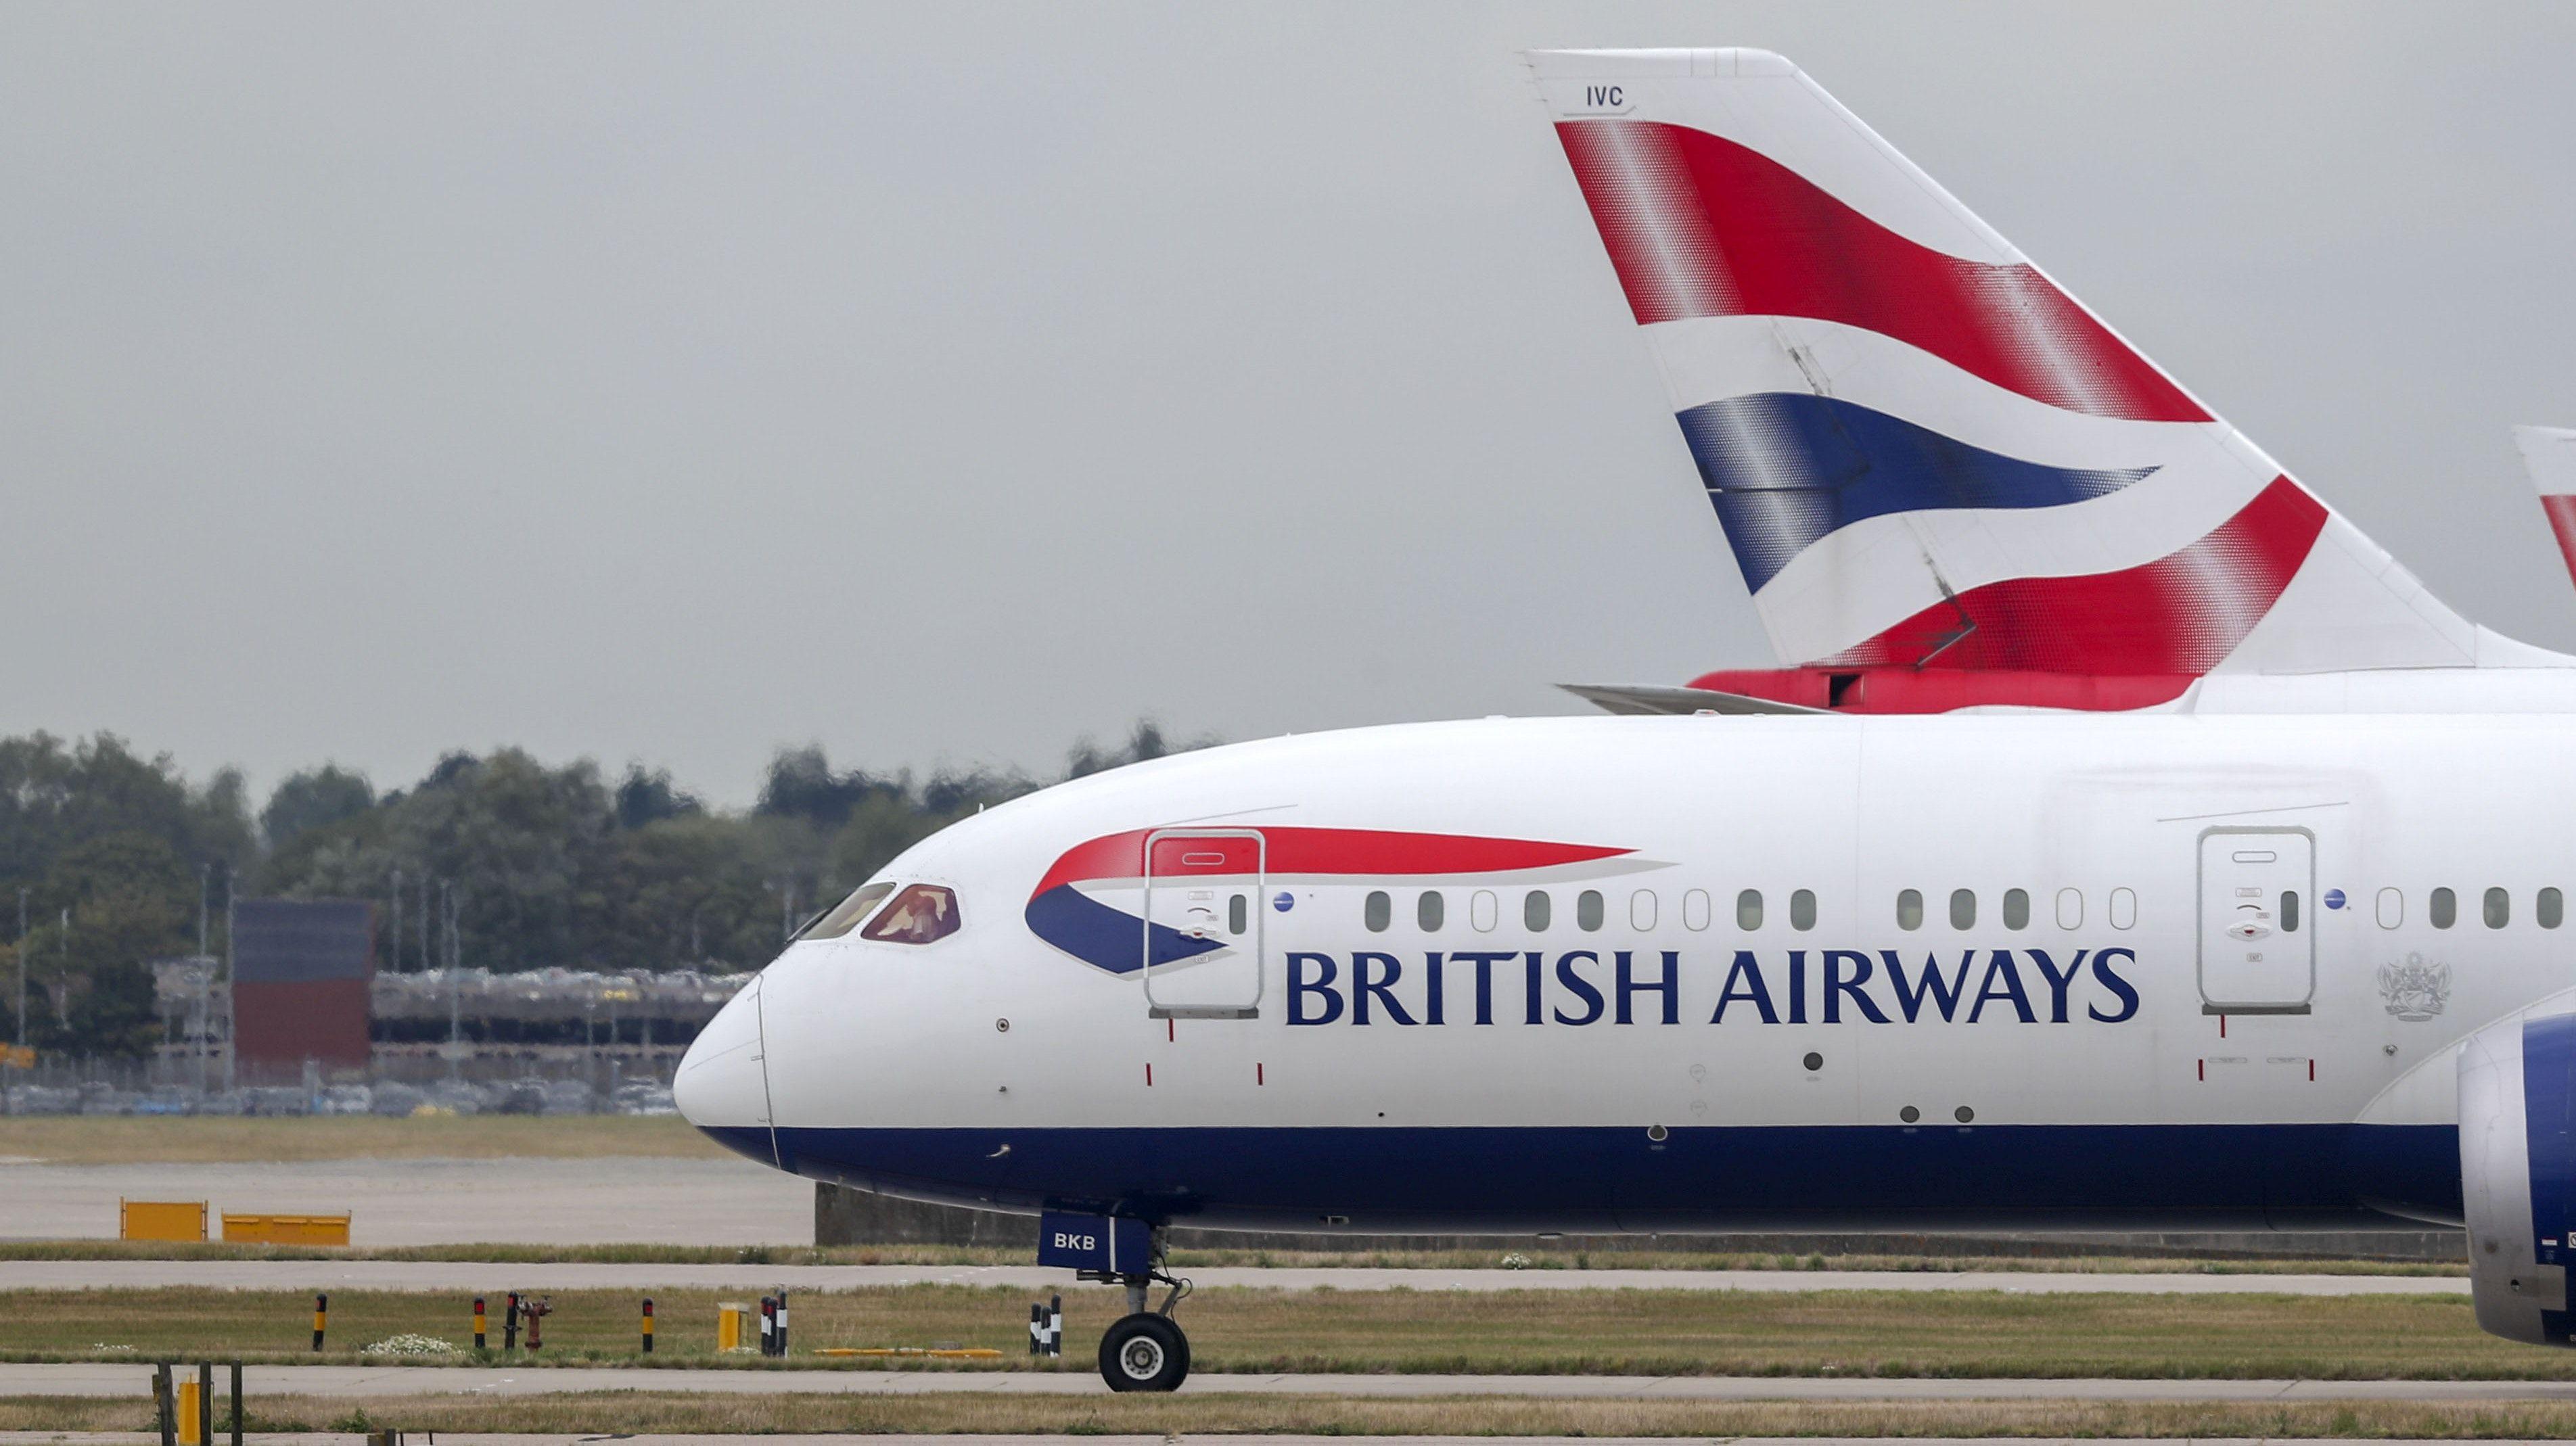 مقاضاة الخطوط الجوية البريطانية من قبل نصف مليون مسافر